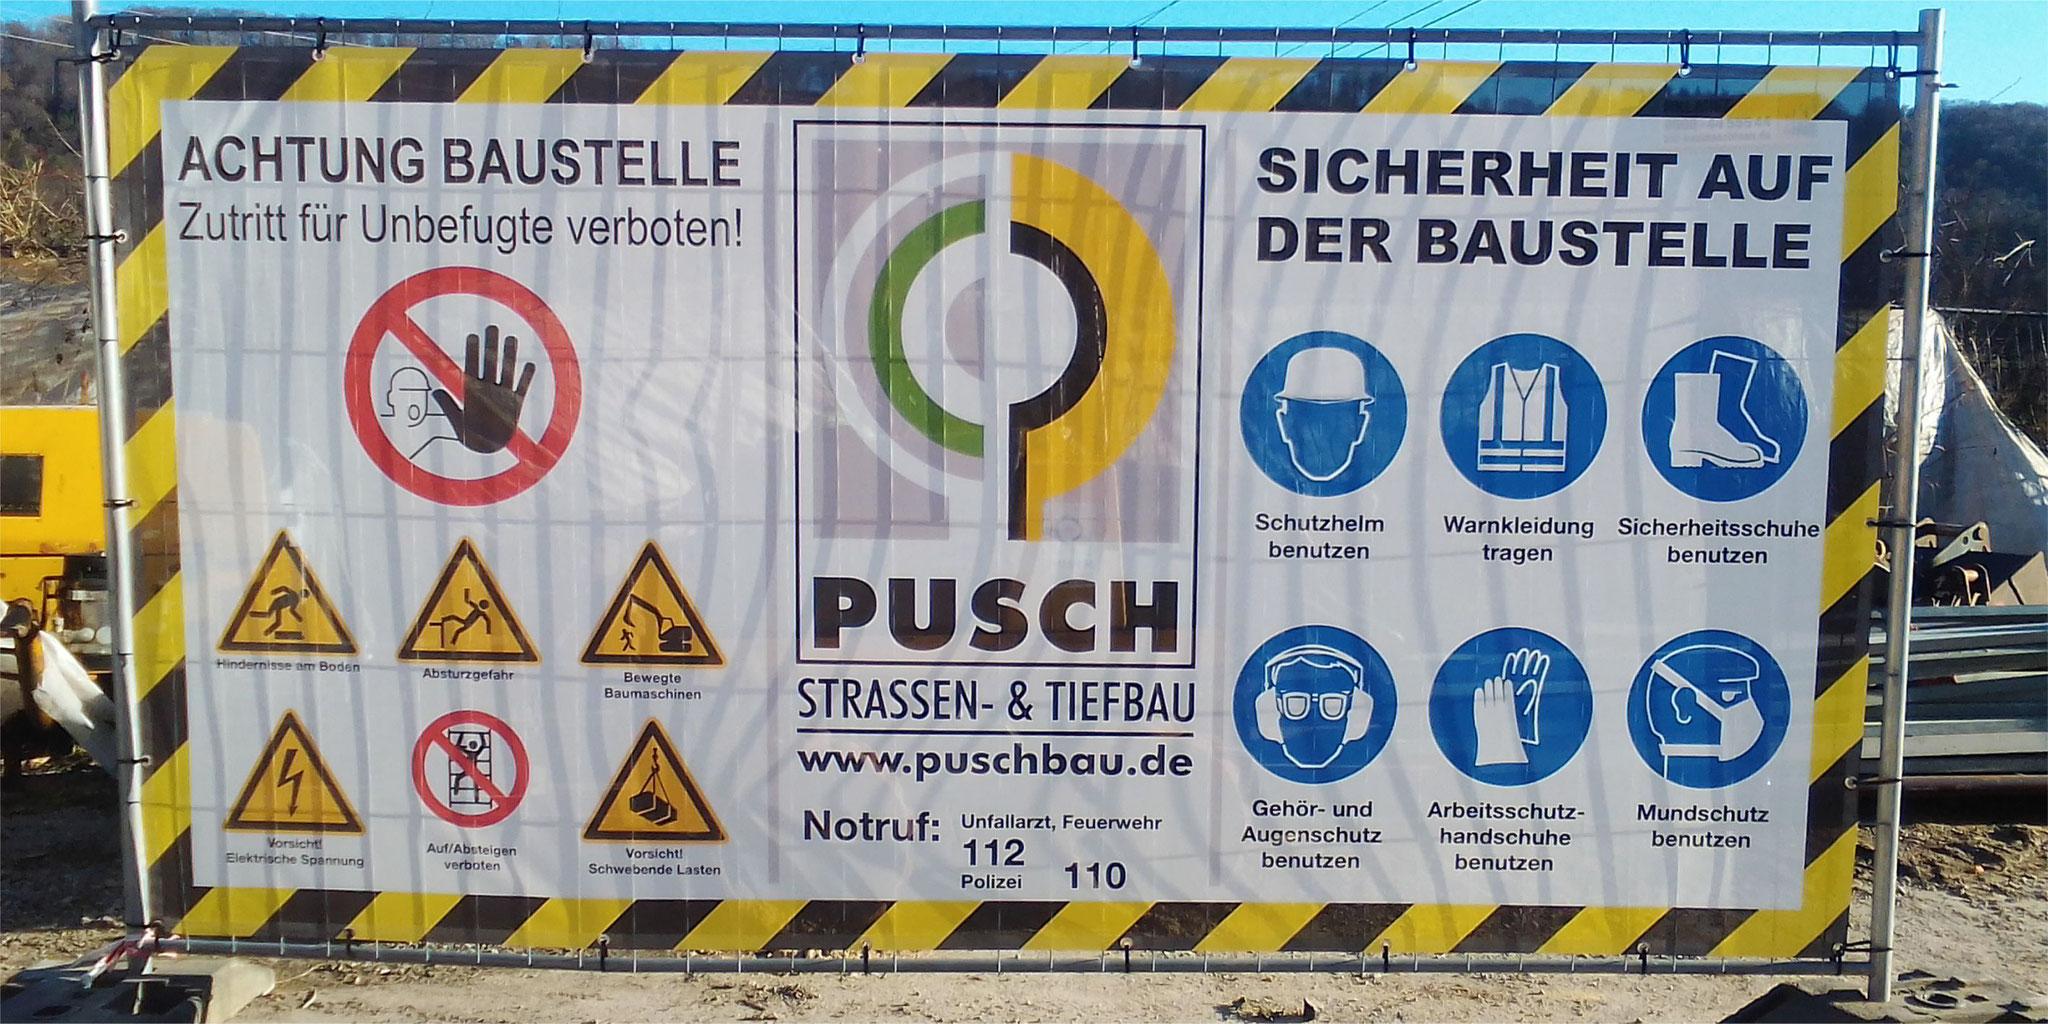 Baustellenbanner mit Warnzeichen & Logoeindruck